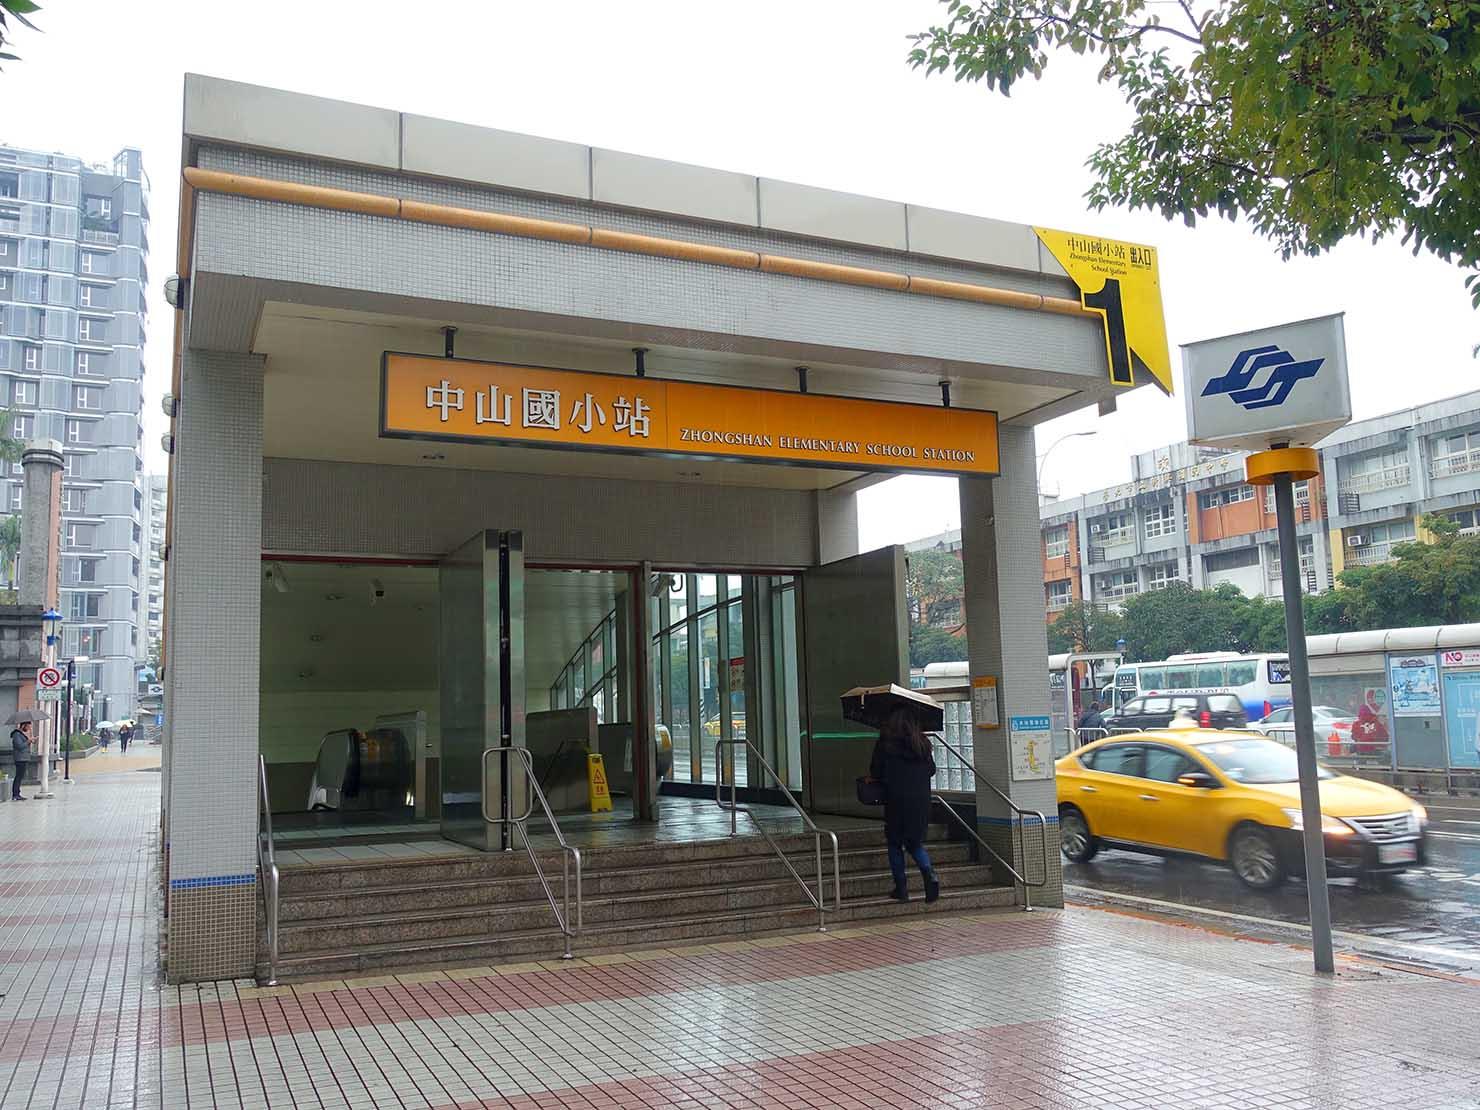 台北MRT中山國小駅1番出口